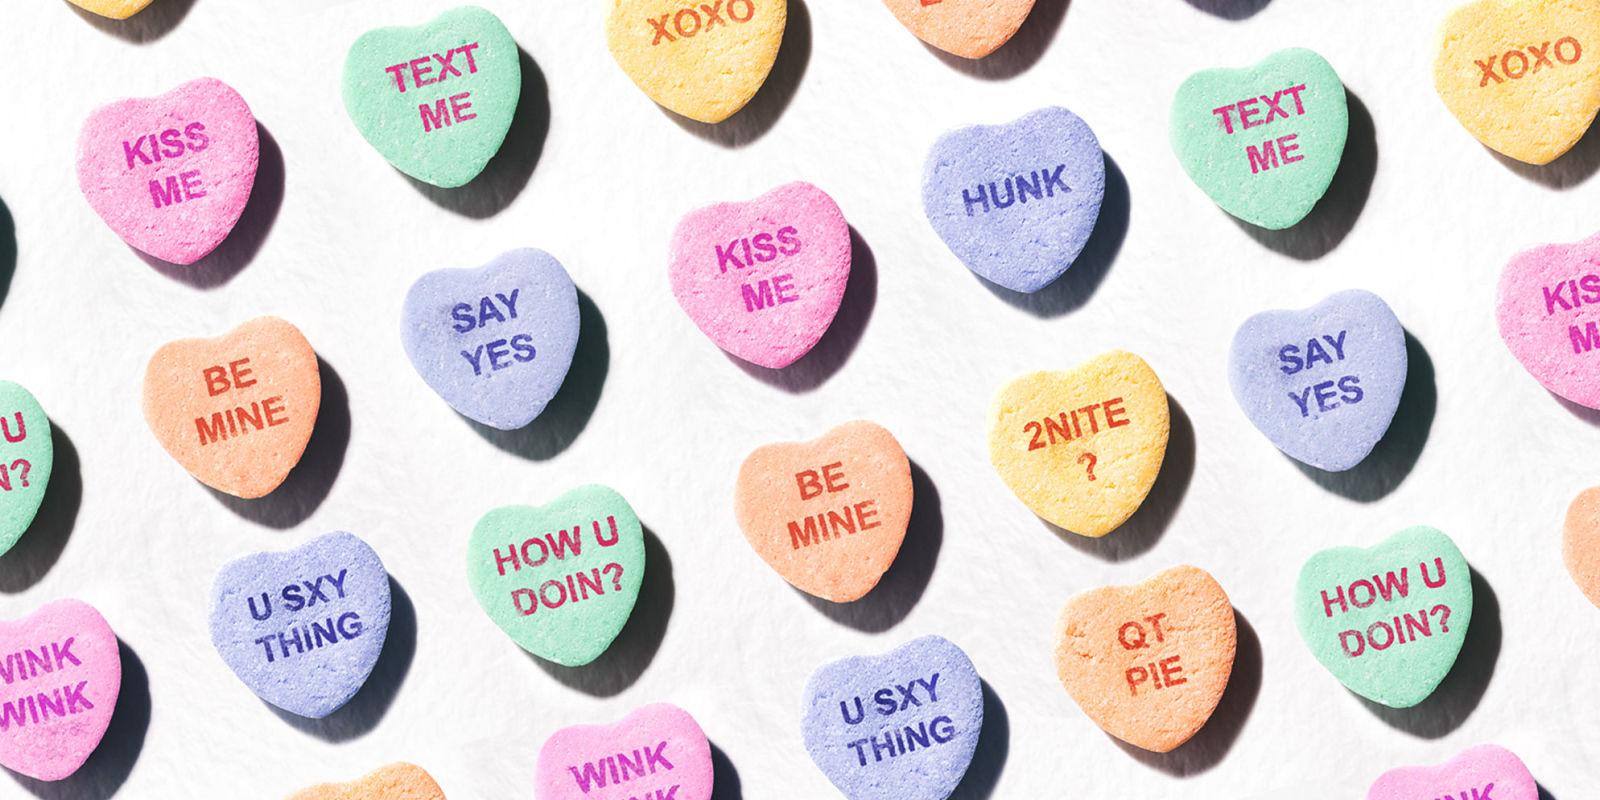 11 Best Valentine S Day Candy Picks We Love In